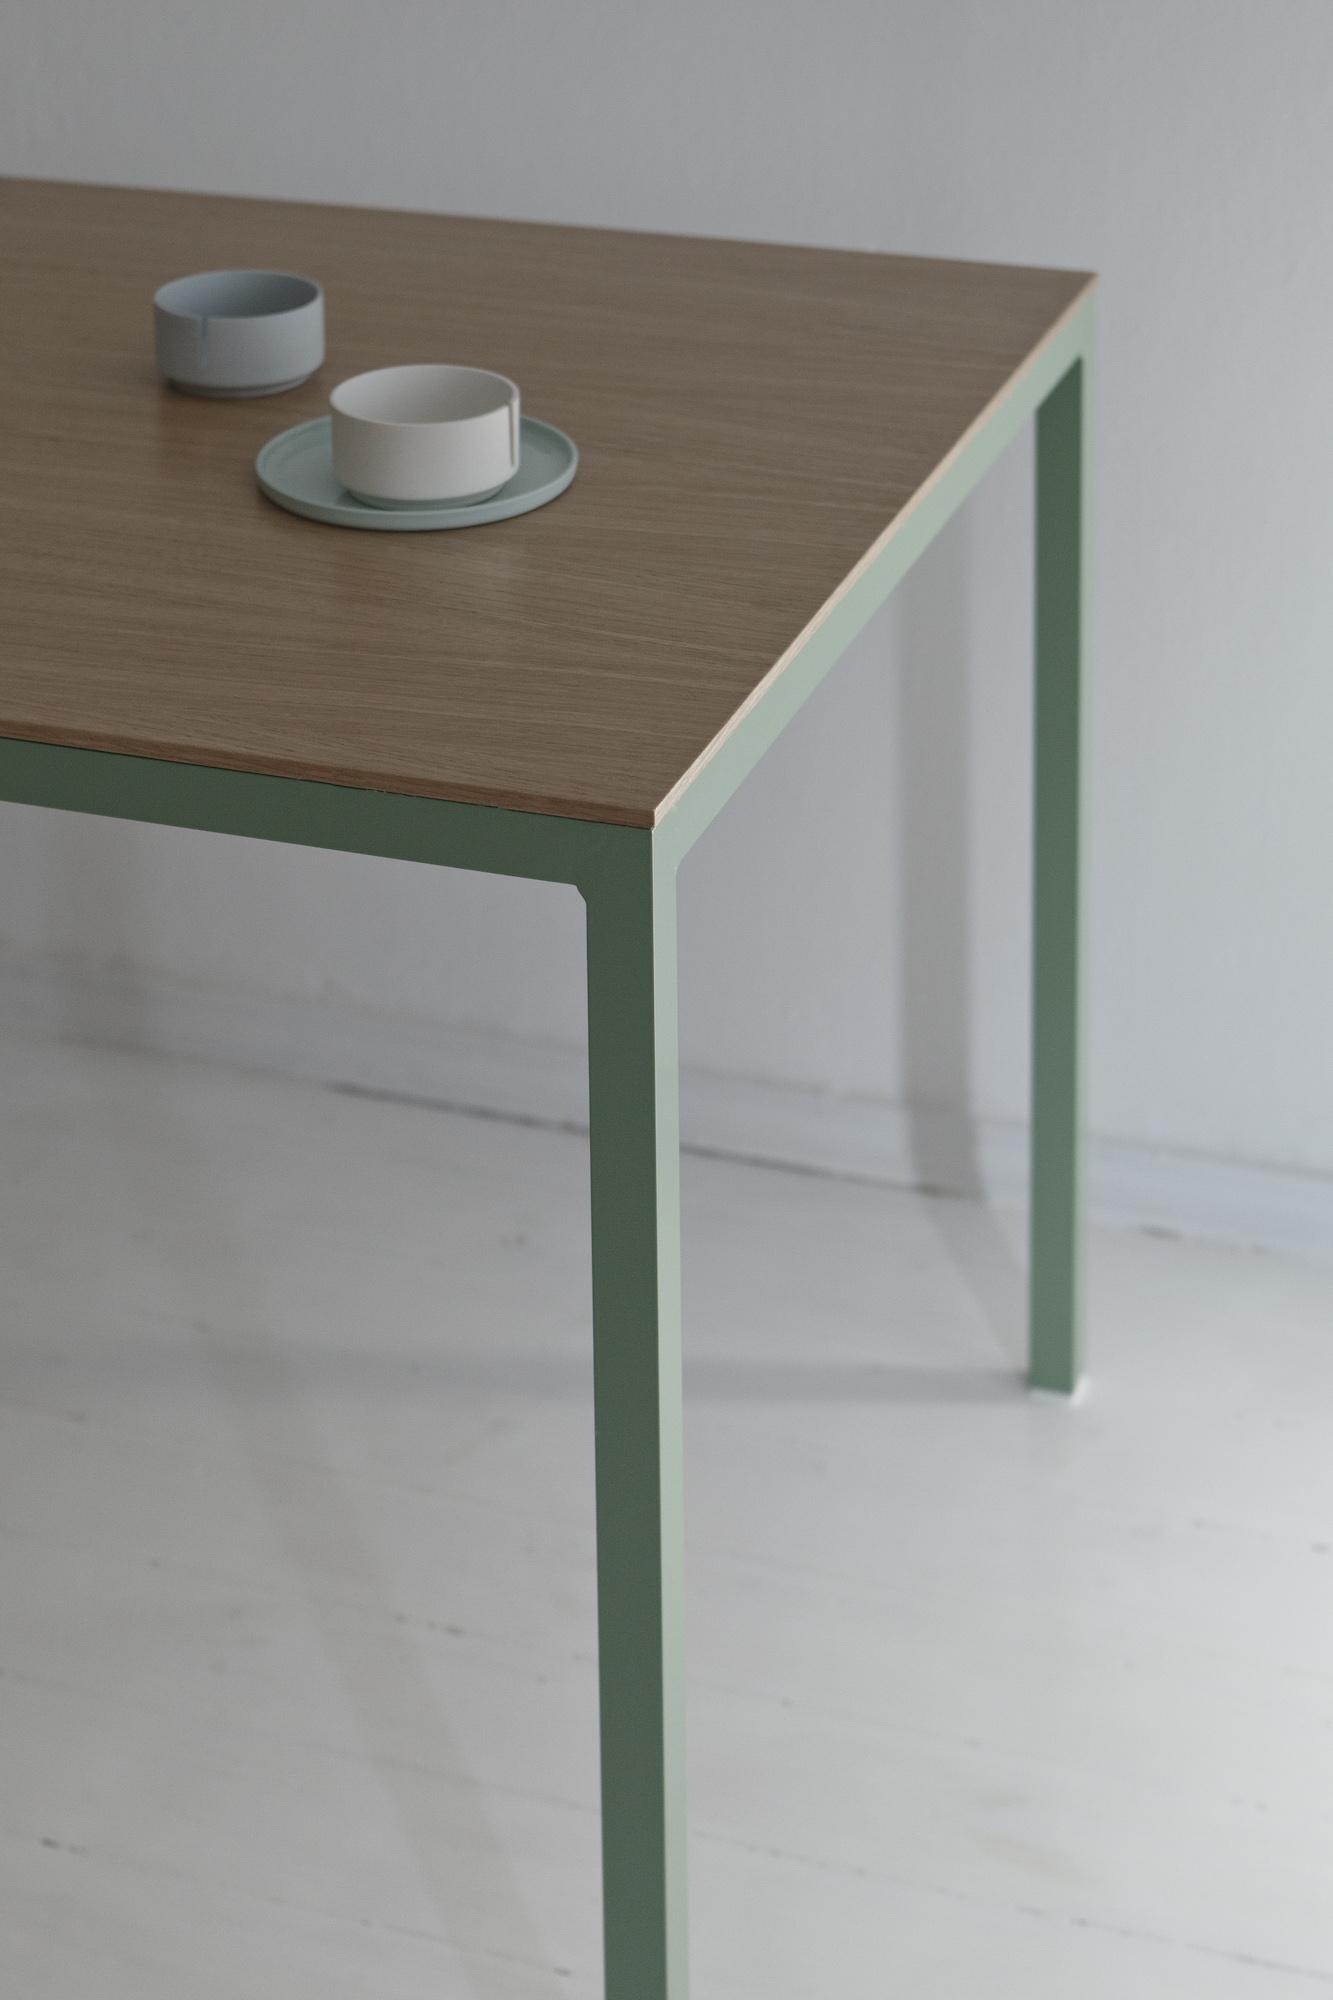 table-tib-6197.jpg